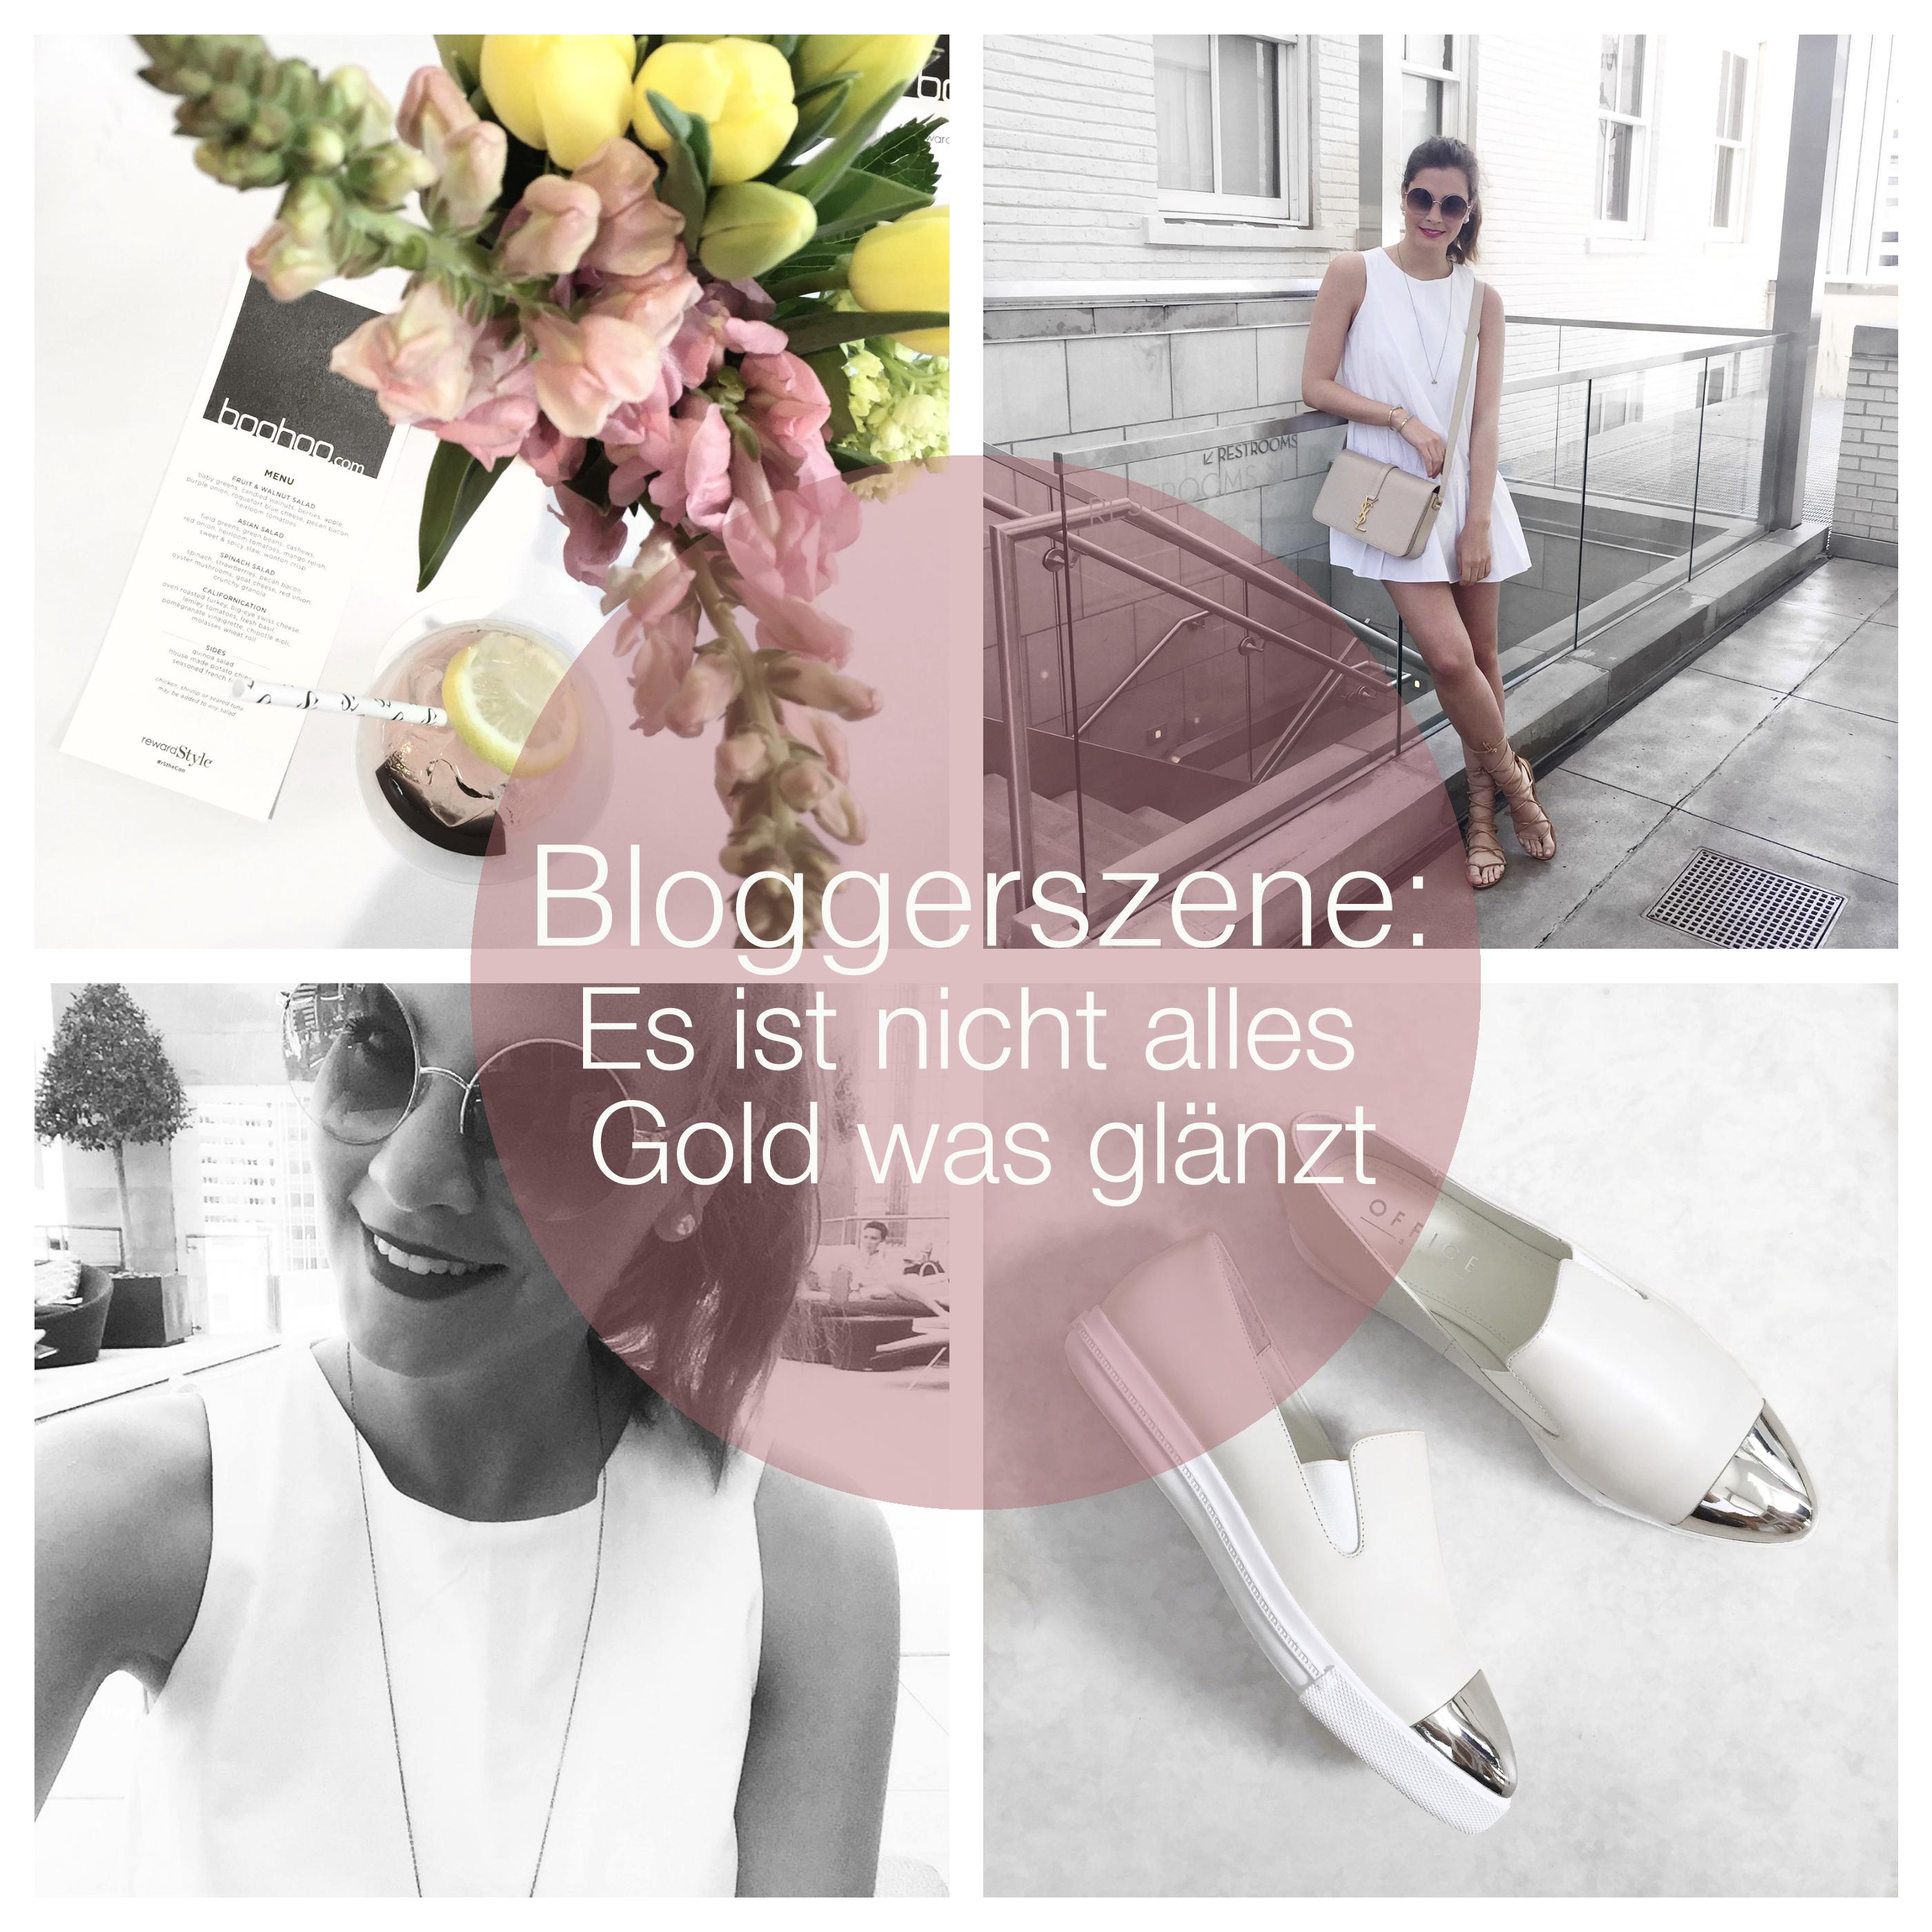 fashiioncarpet-fake-bloggerszene-es-ist-nicht-alles-gold-was-glänzt